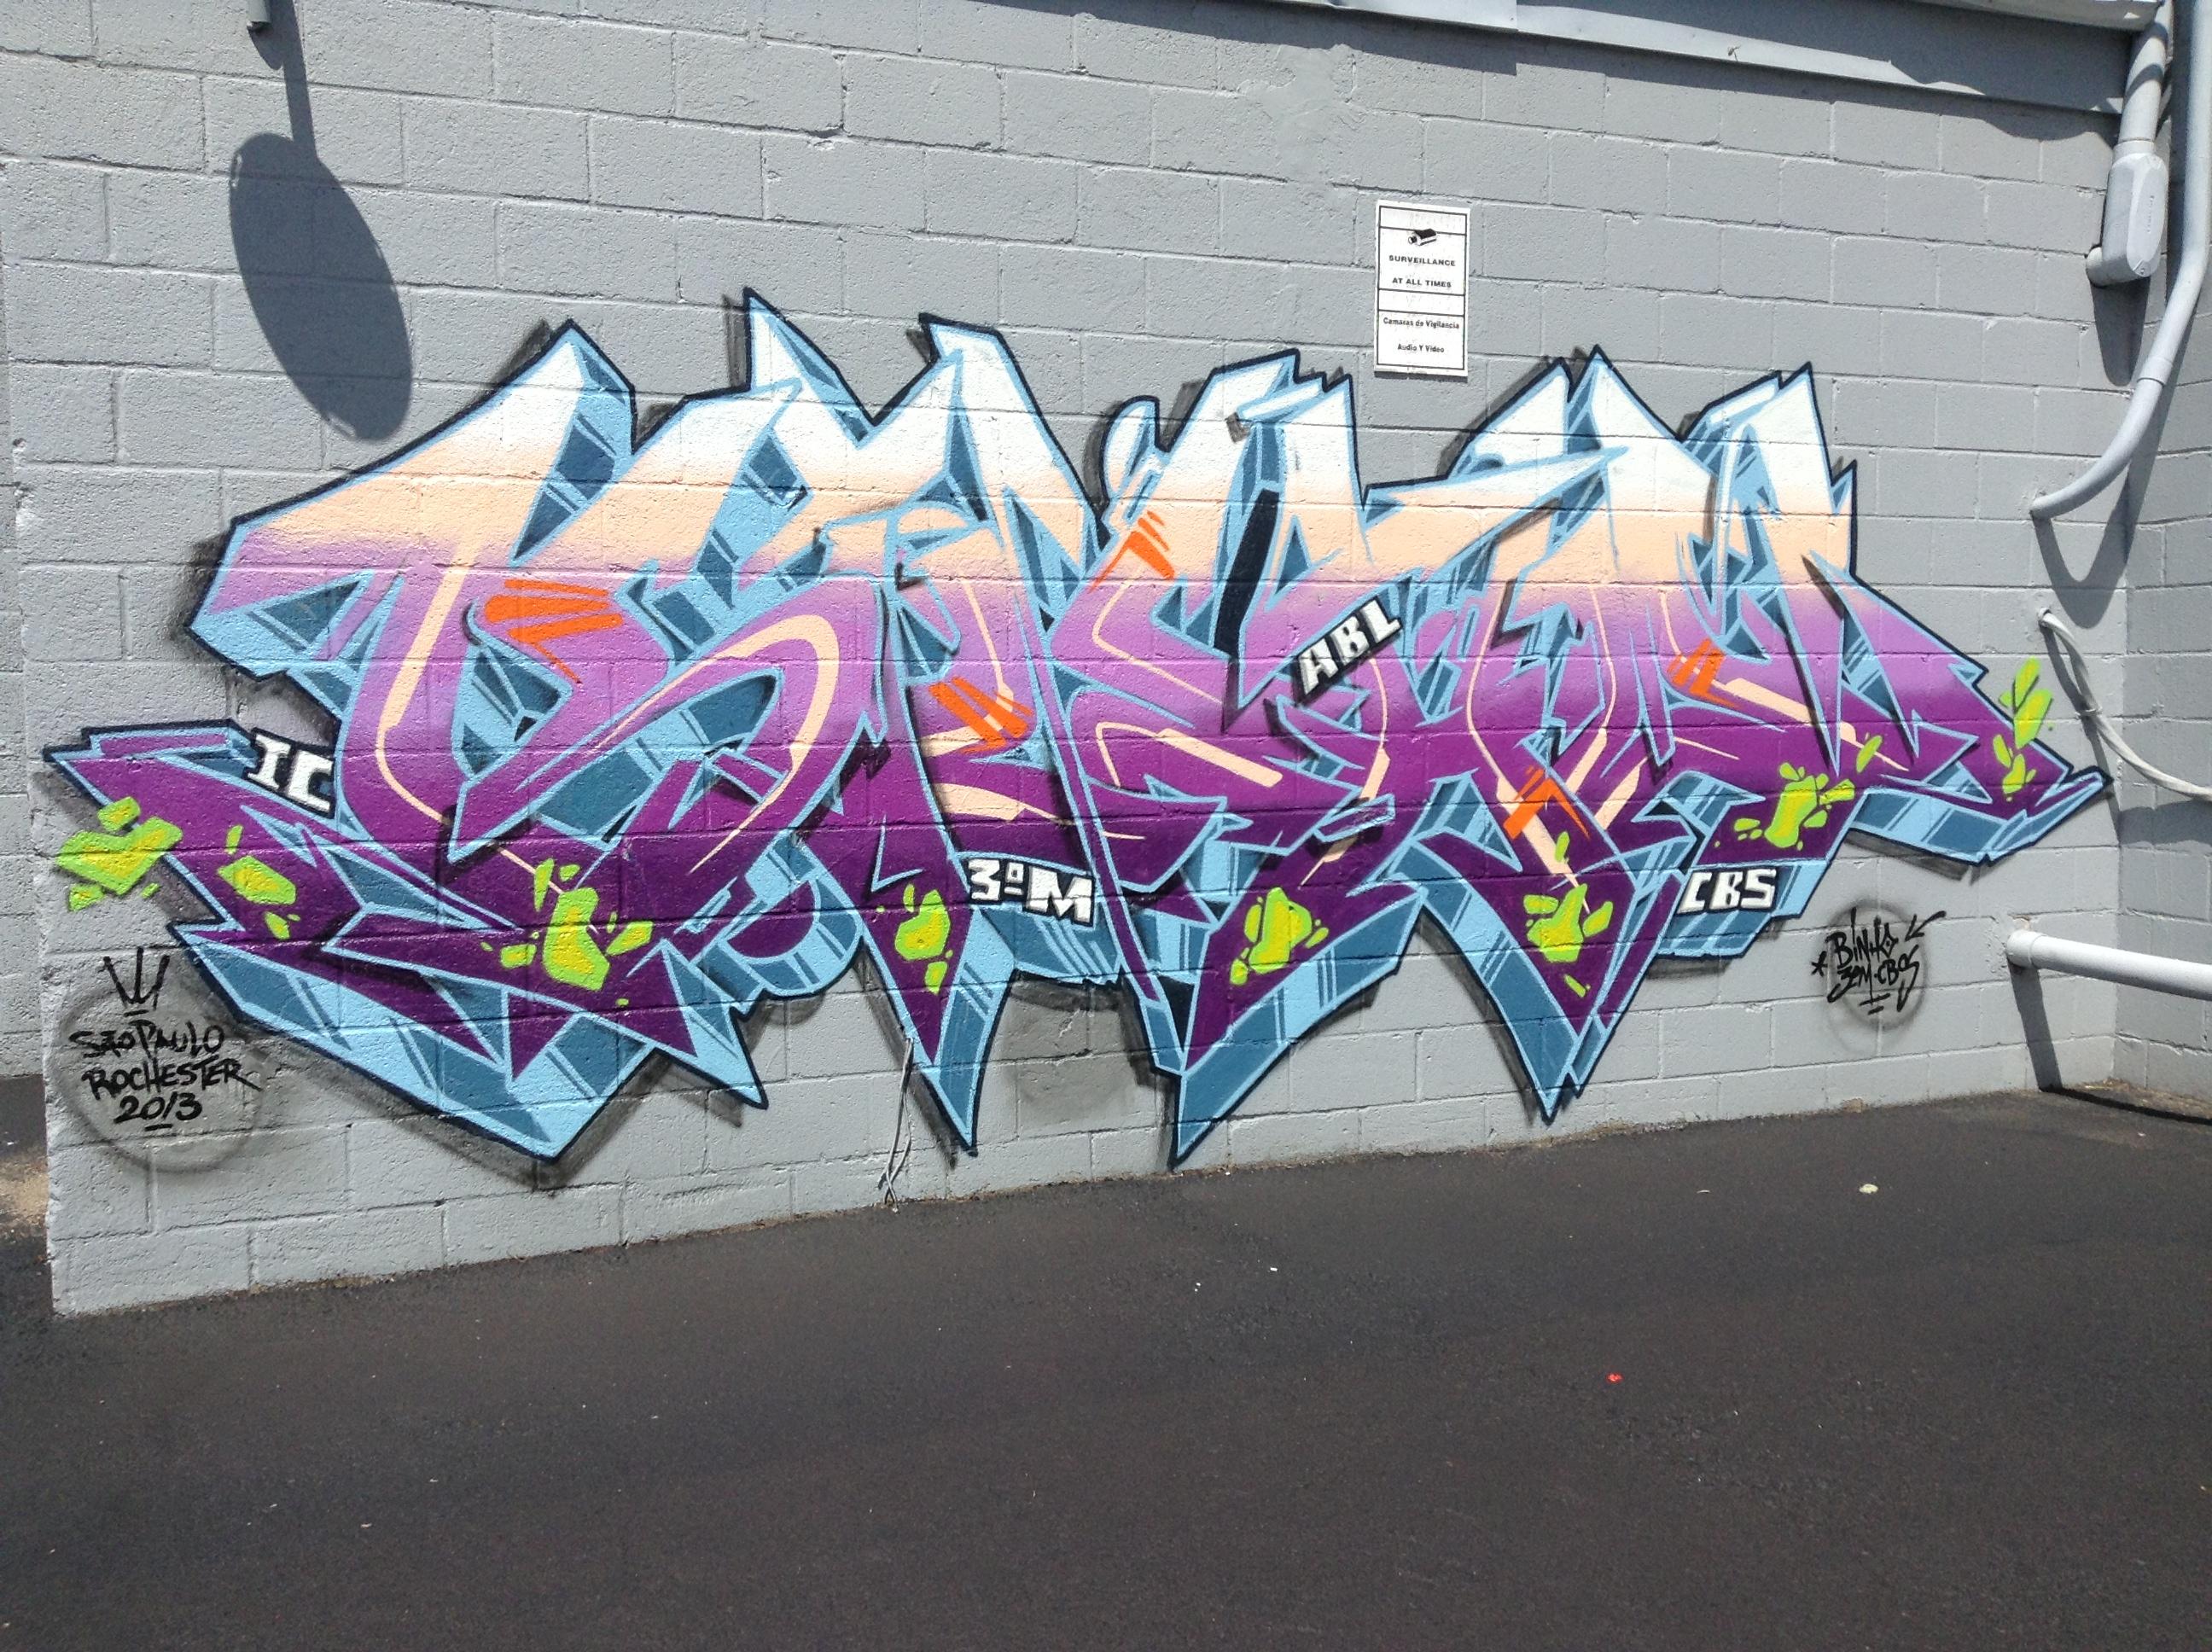 Trust No One Word Graffiti